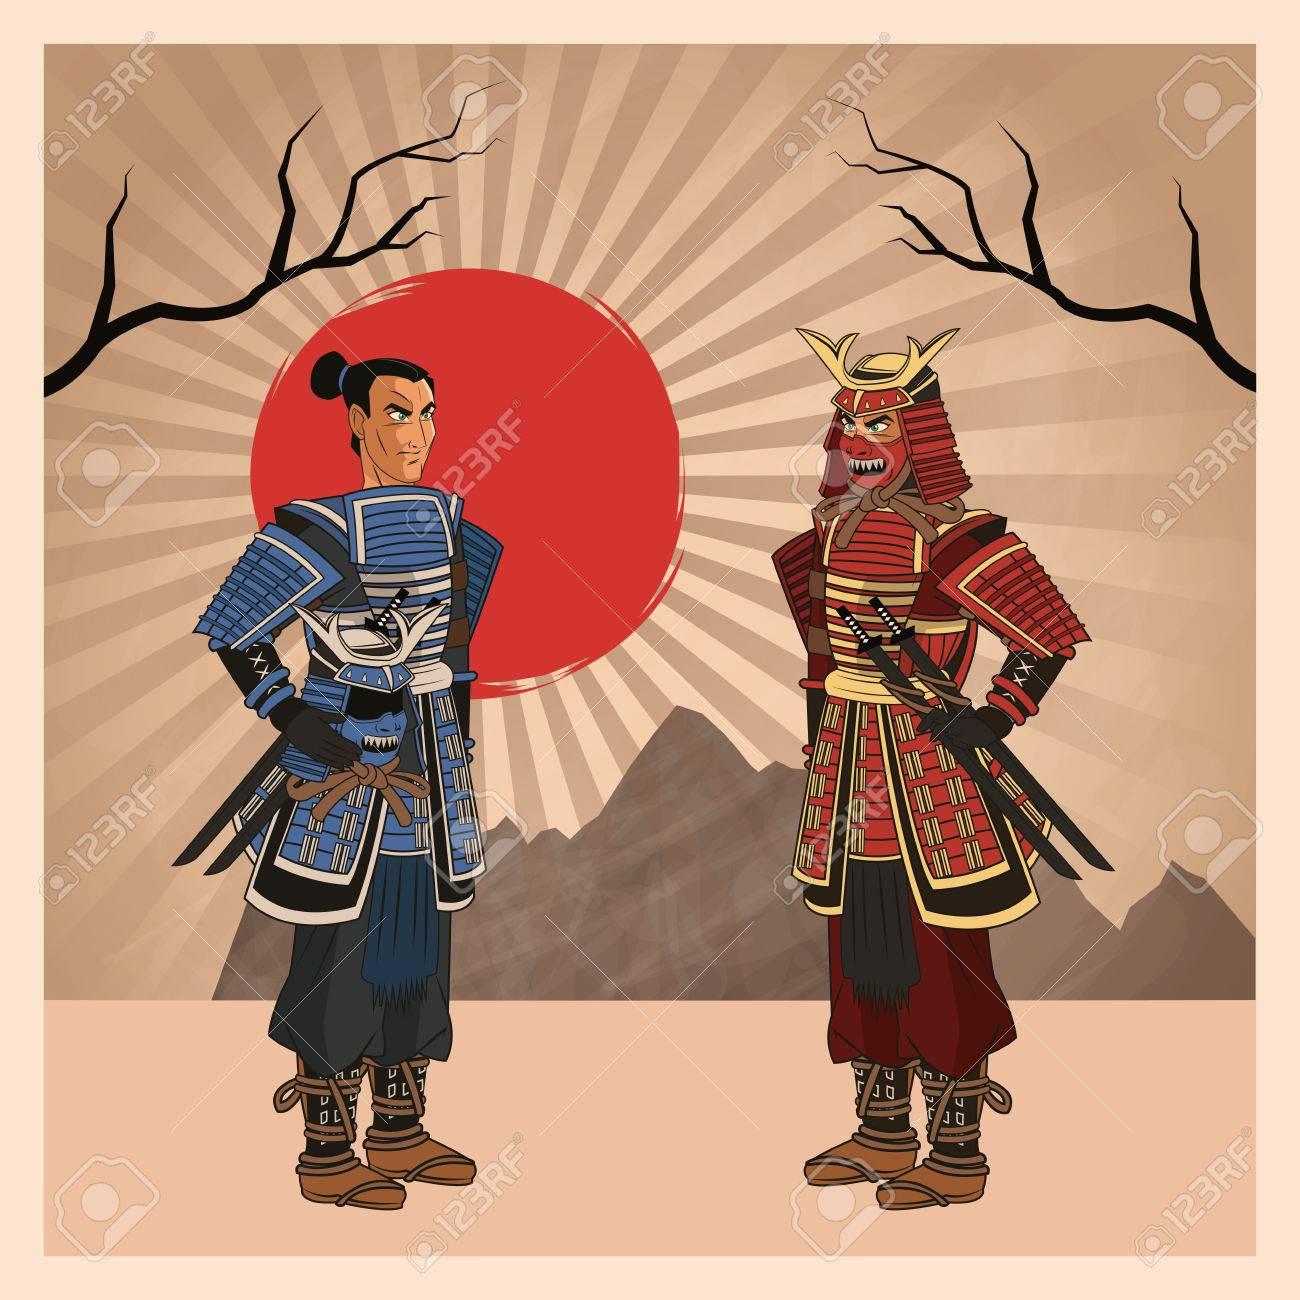 De Dibujos Animados Hombre Samurai Con El Icono Uniforme Comico